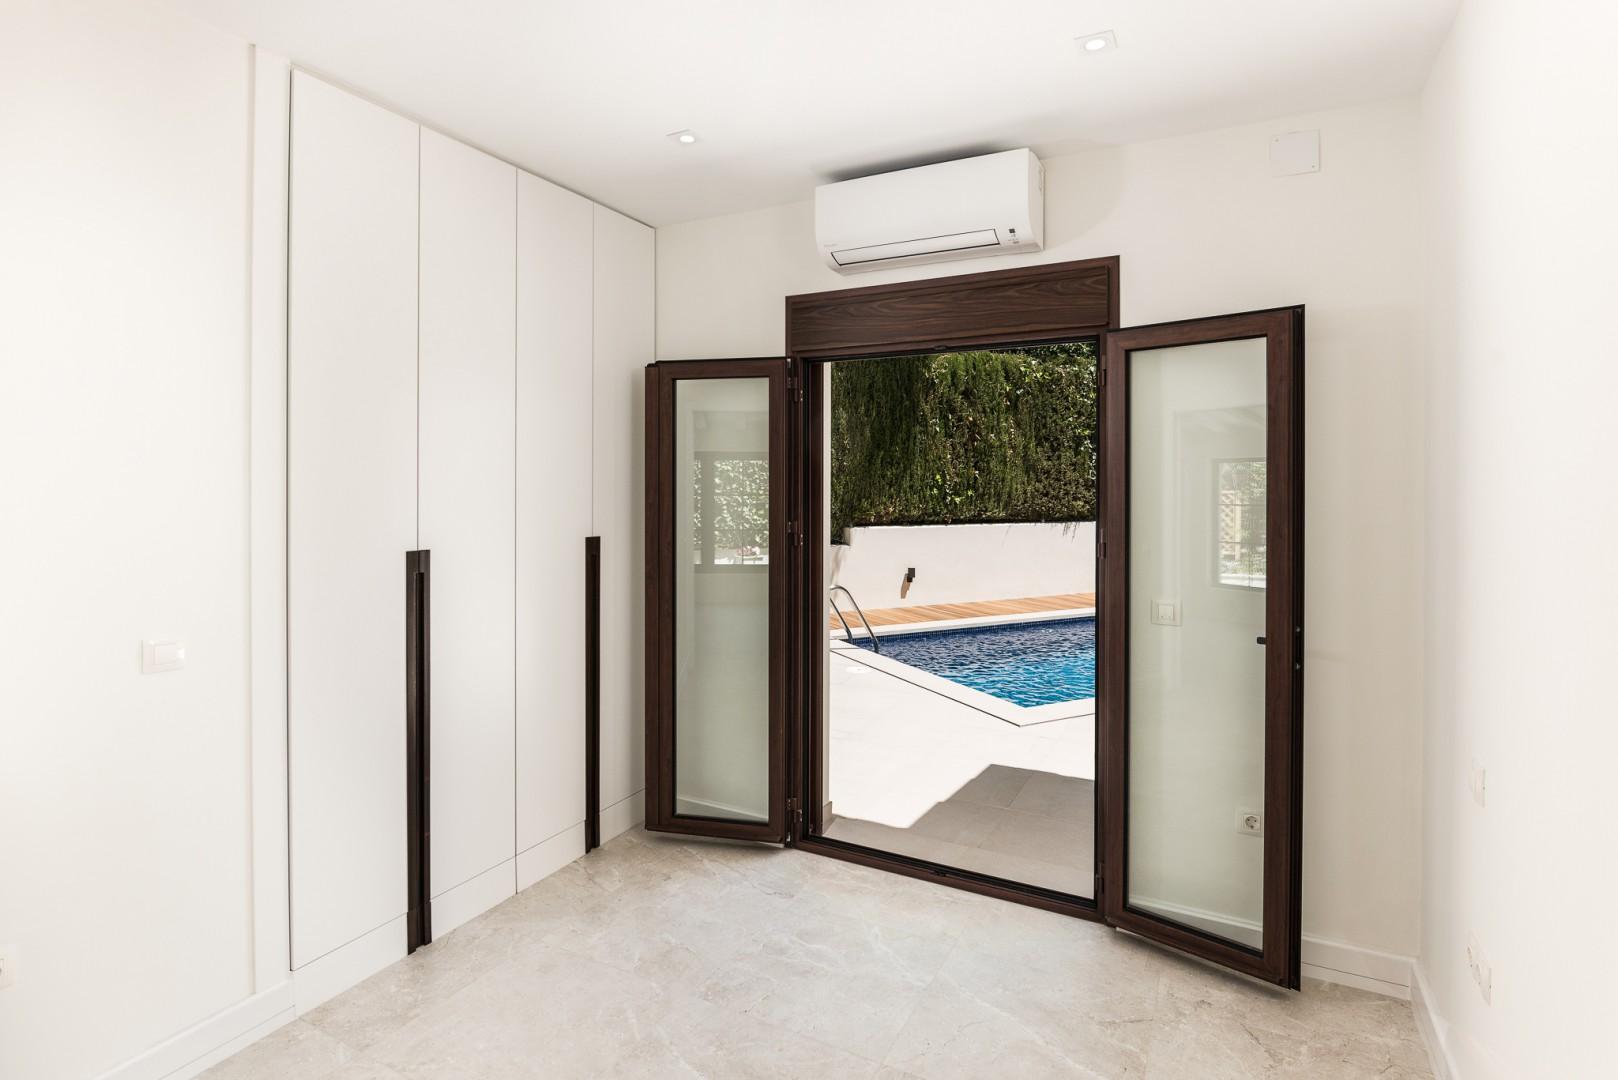 Nieuwe eigentijdse stijl villa in nagueles marbella spanje specials - Eigentijdse stijl slaapkamer ...